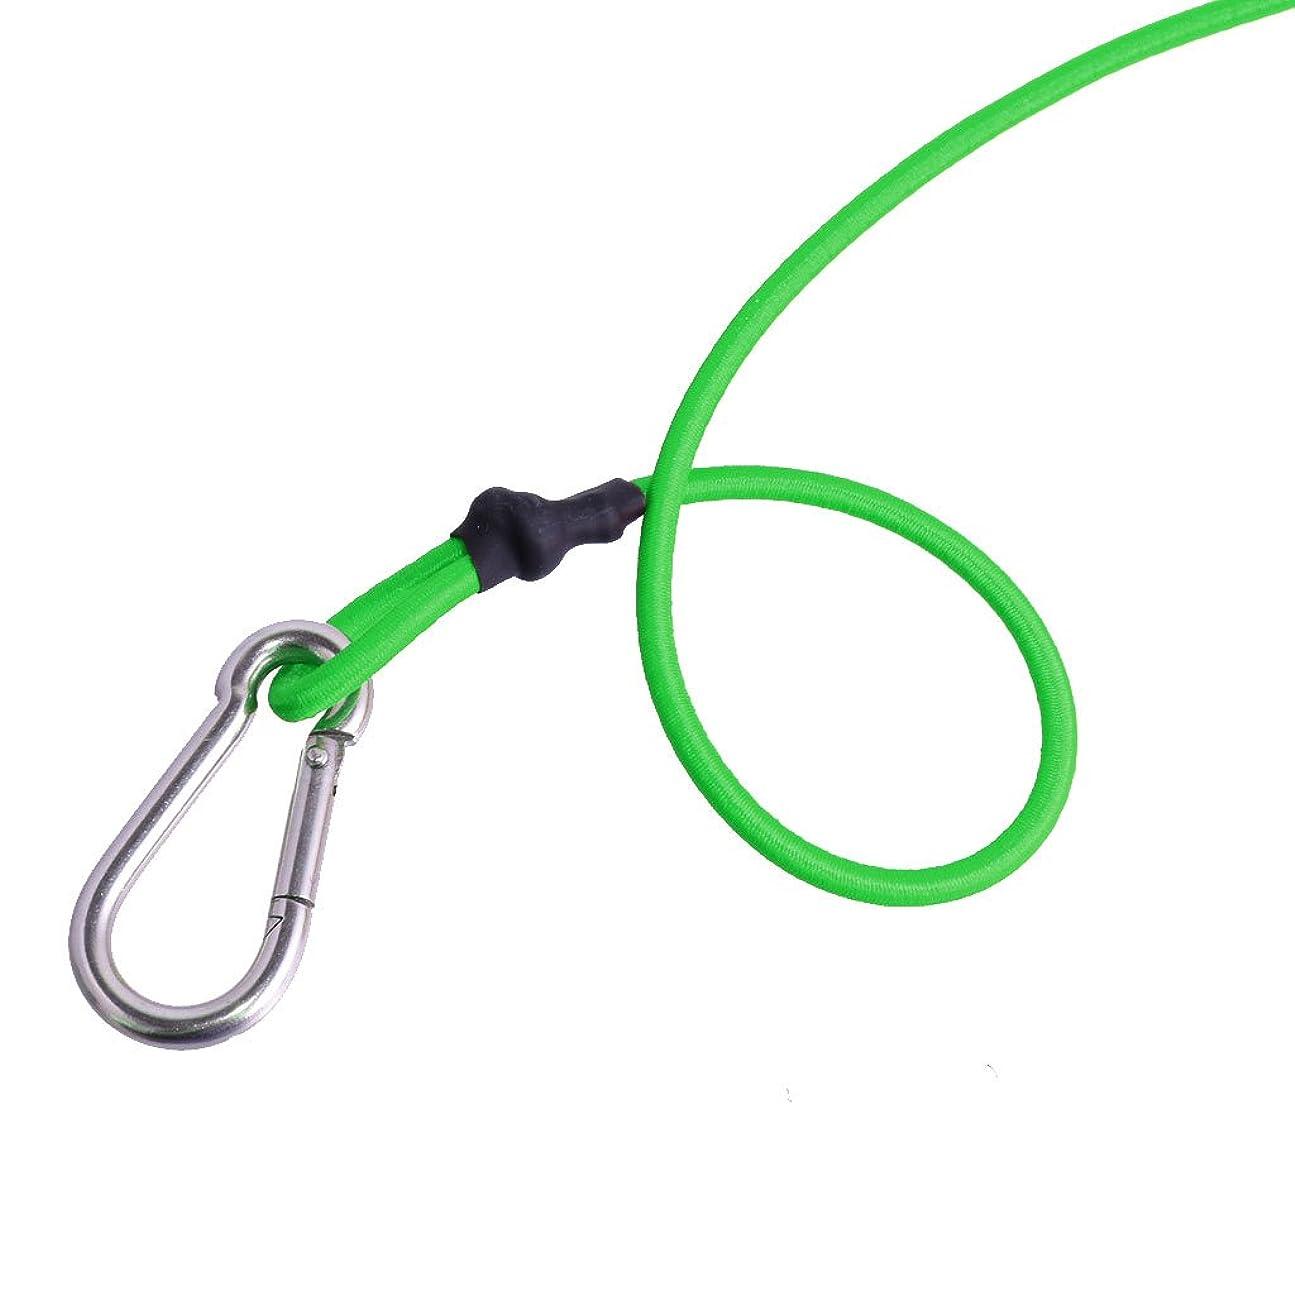 パレード驚ますますDovewill 弾性 カヤック カヌー リーシュコード 安全リーシュ 釣り竿ストラップ パドルリーシュ 全7色 - グリーン